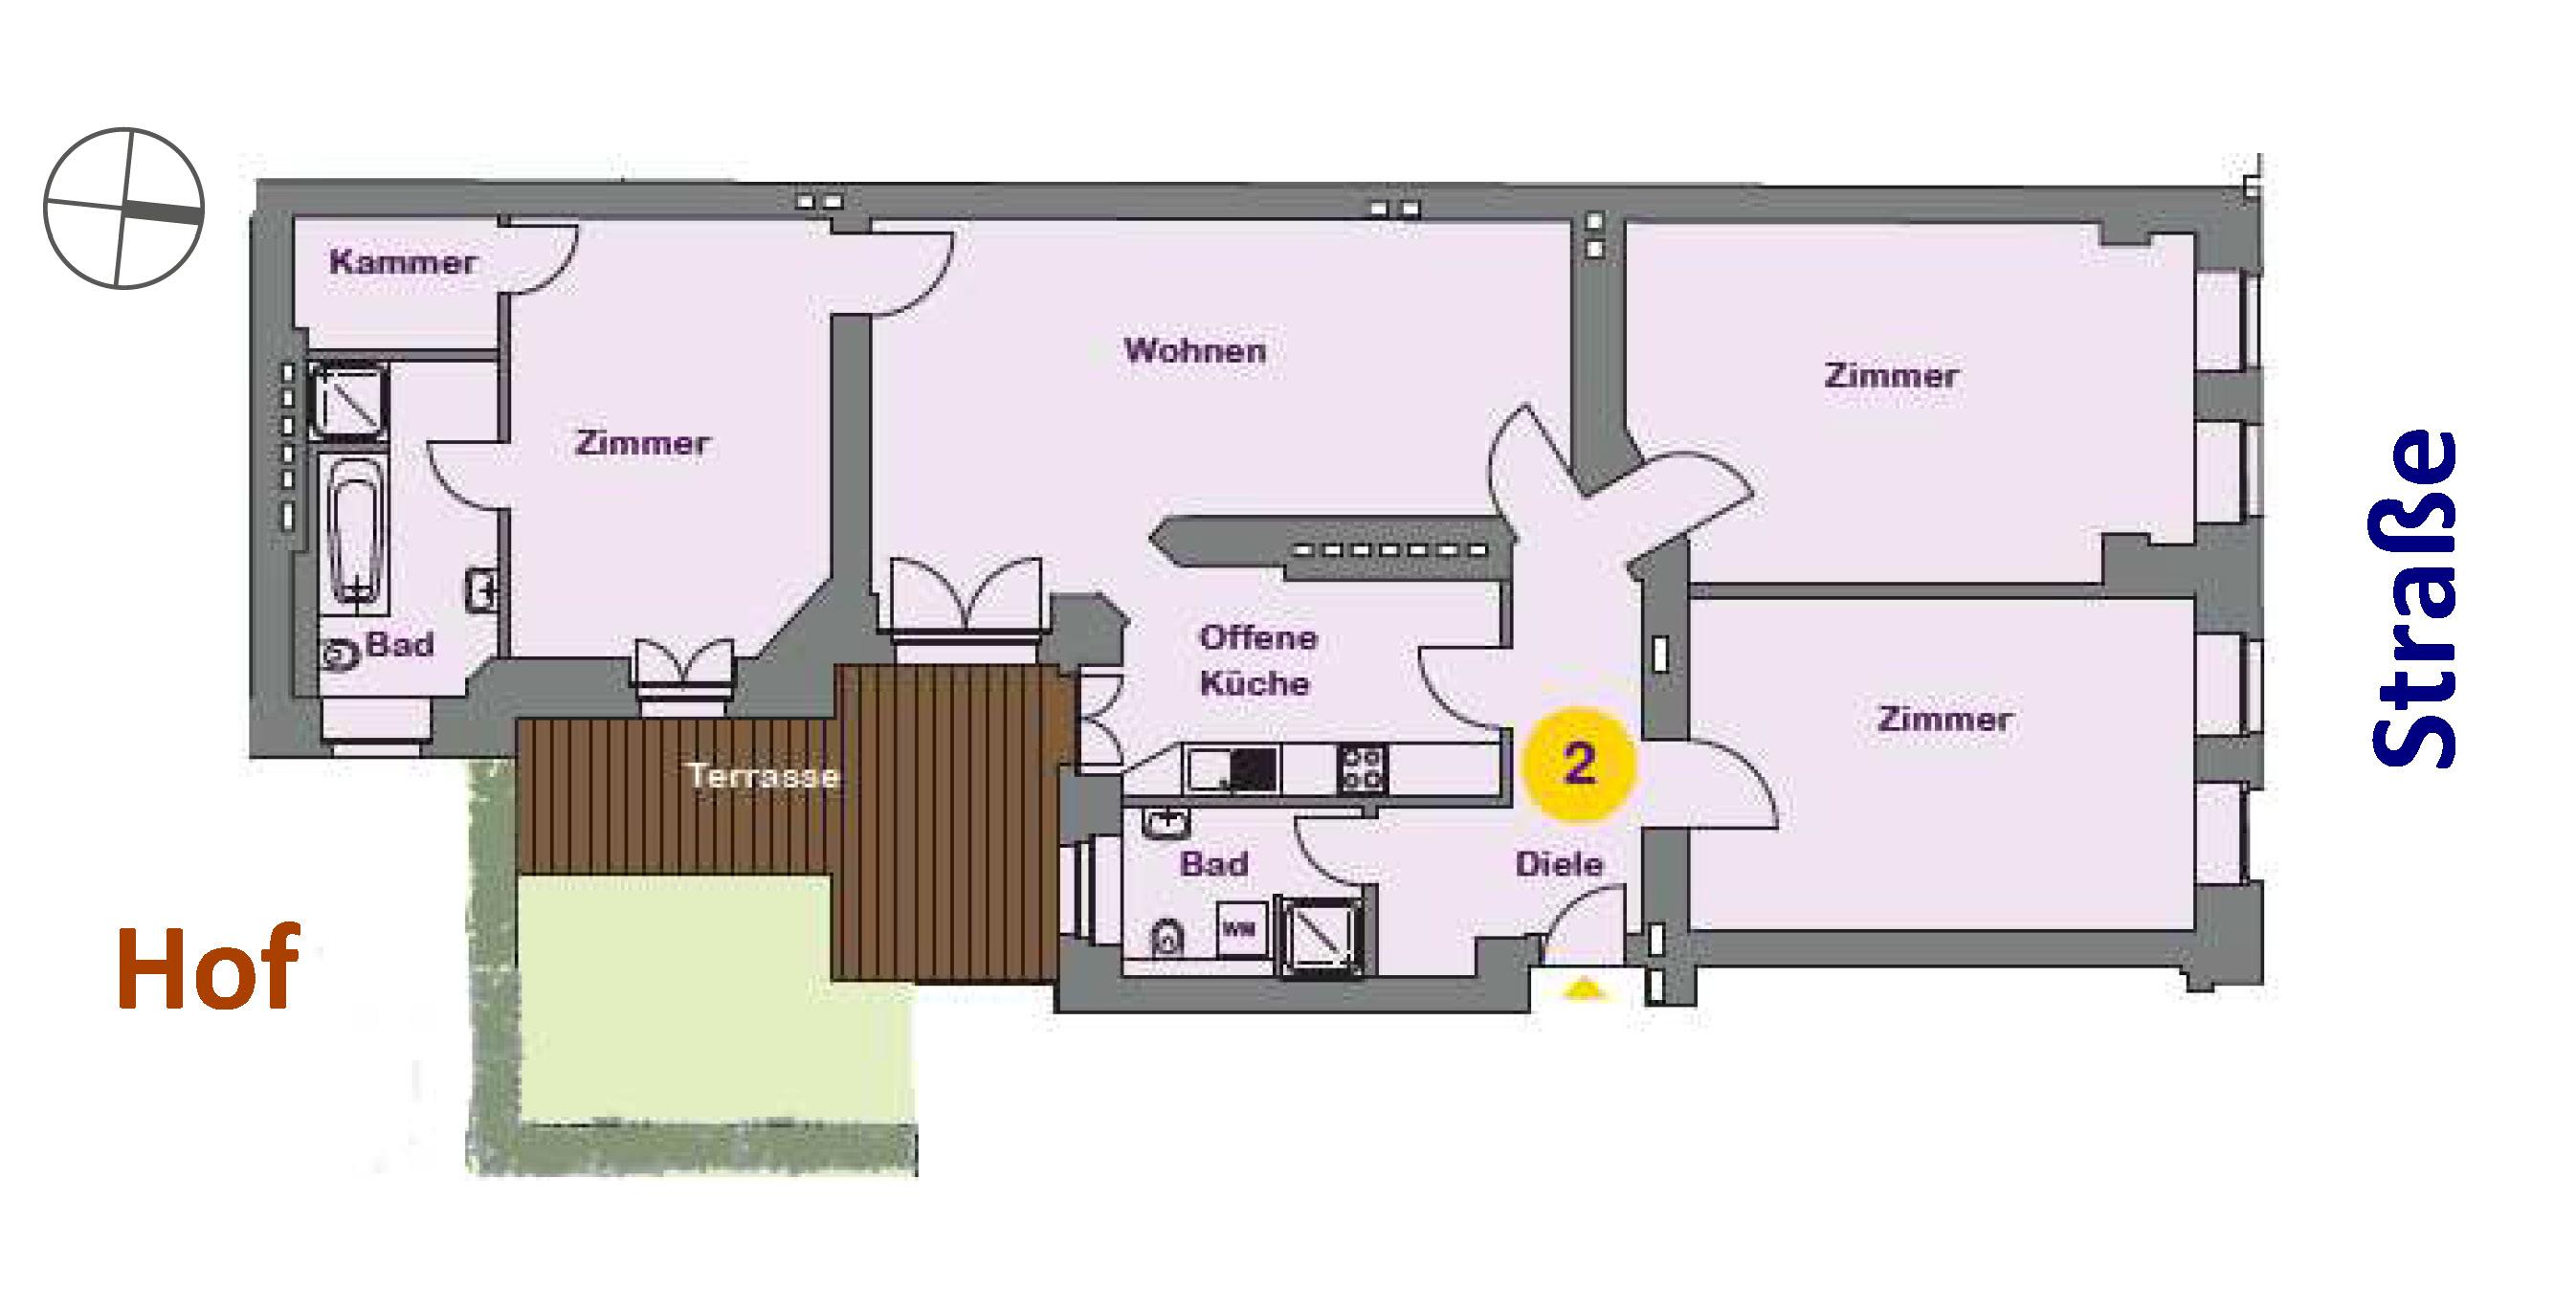 Immobilienmakler Berlin | Vollflexibles + Verfügbares Vielseitigkeitsobjekt: 4 Zimmer, 2 Eingänge & 1 Terrasse